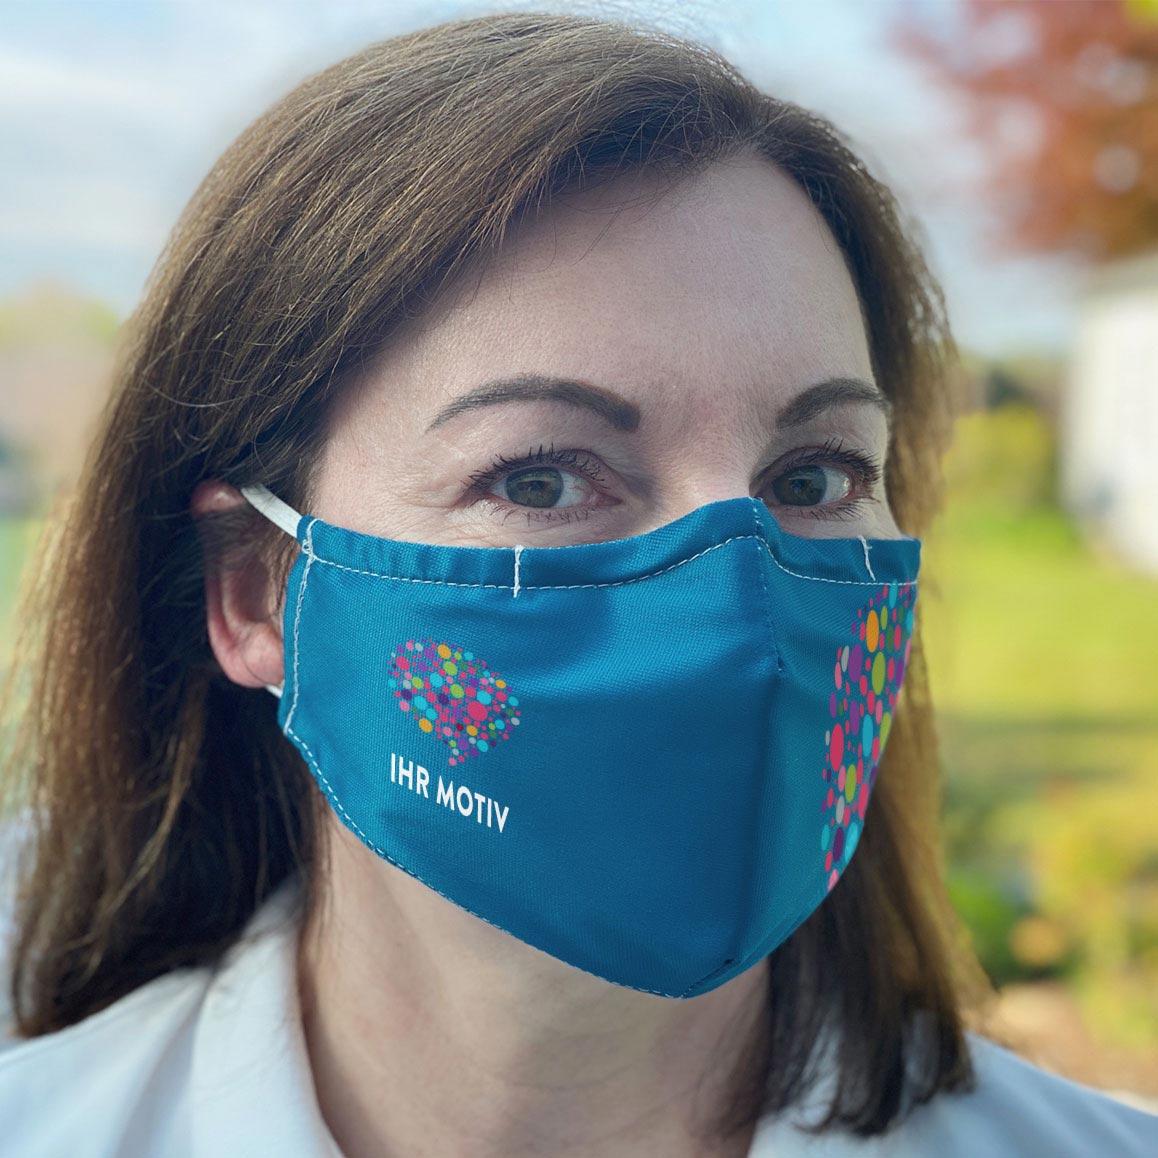 Mund-Nasen-Maske mit Ihrem eigenen Motiv bedruckt